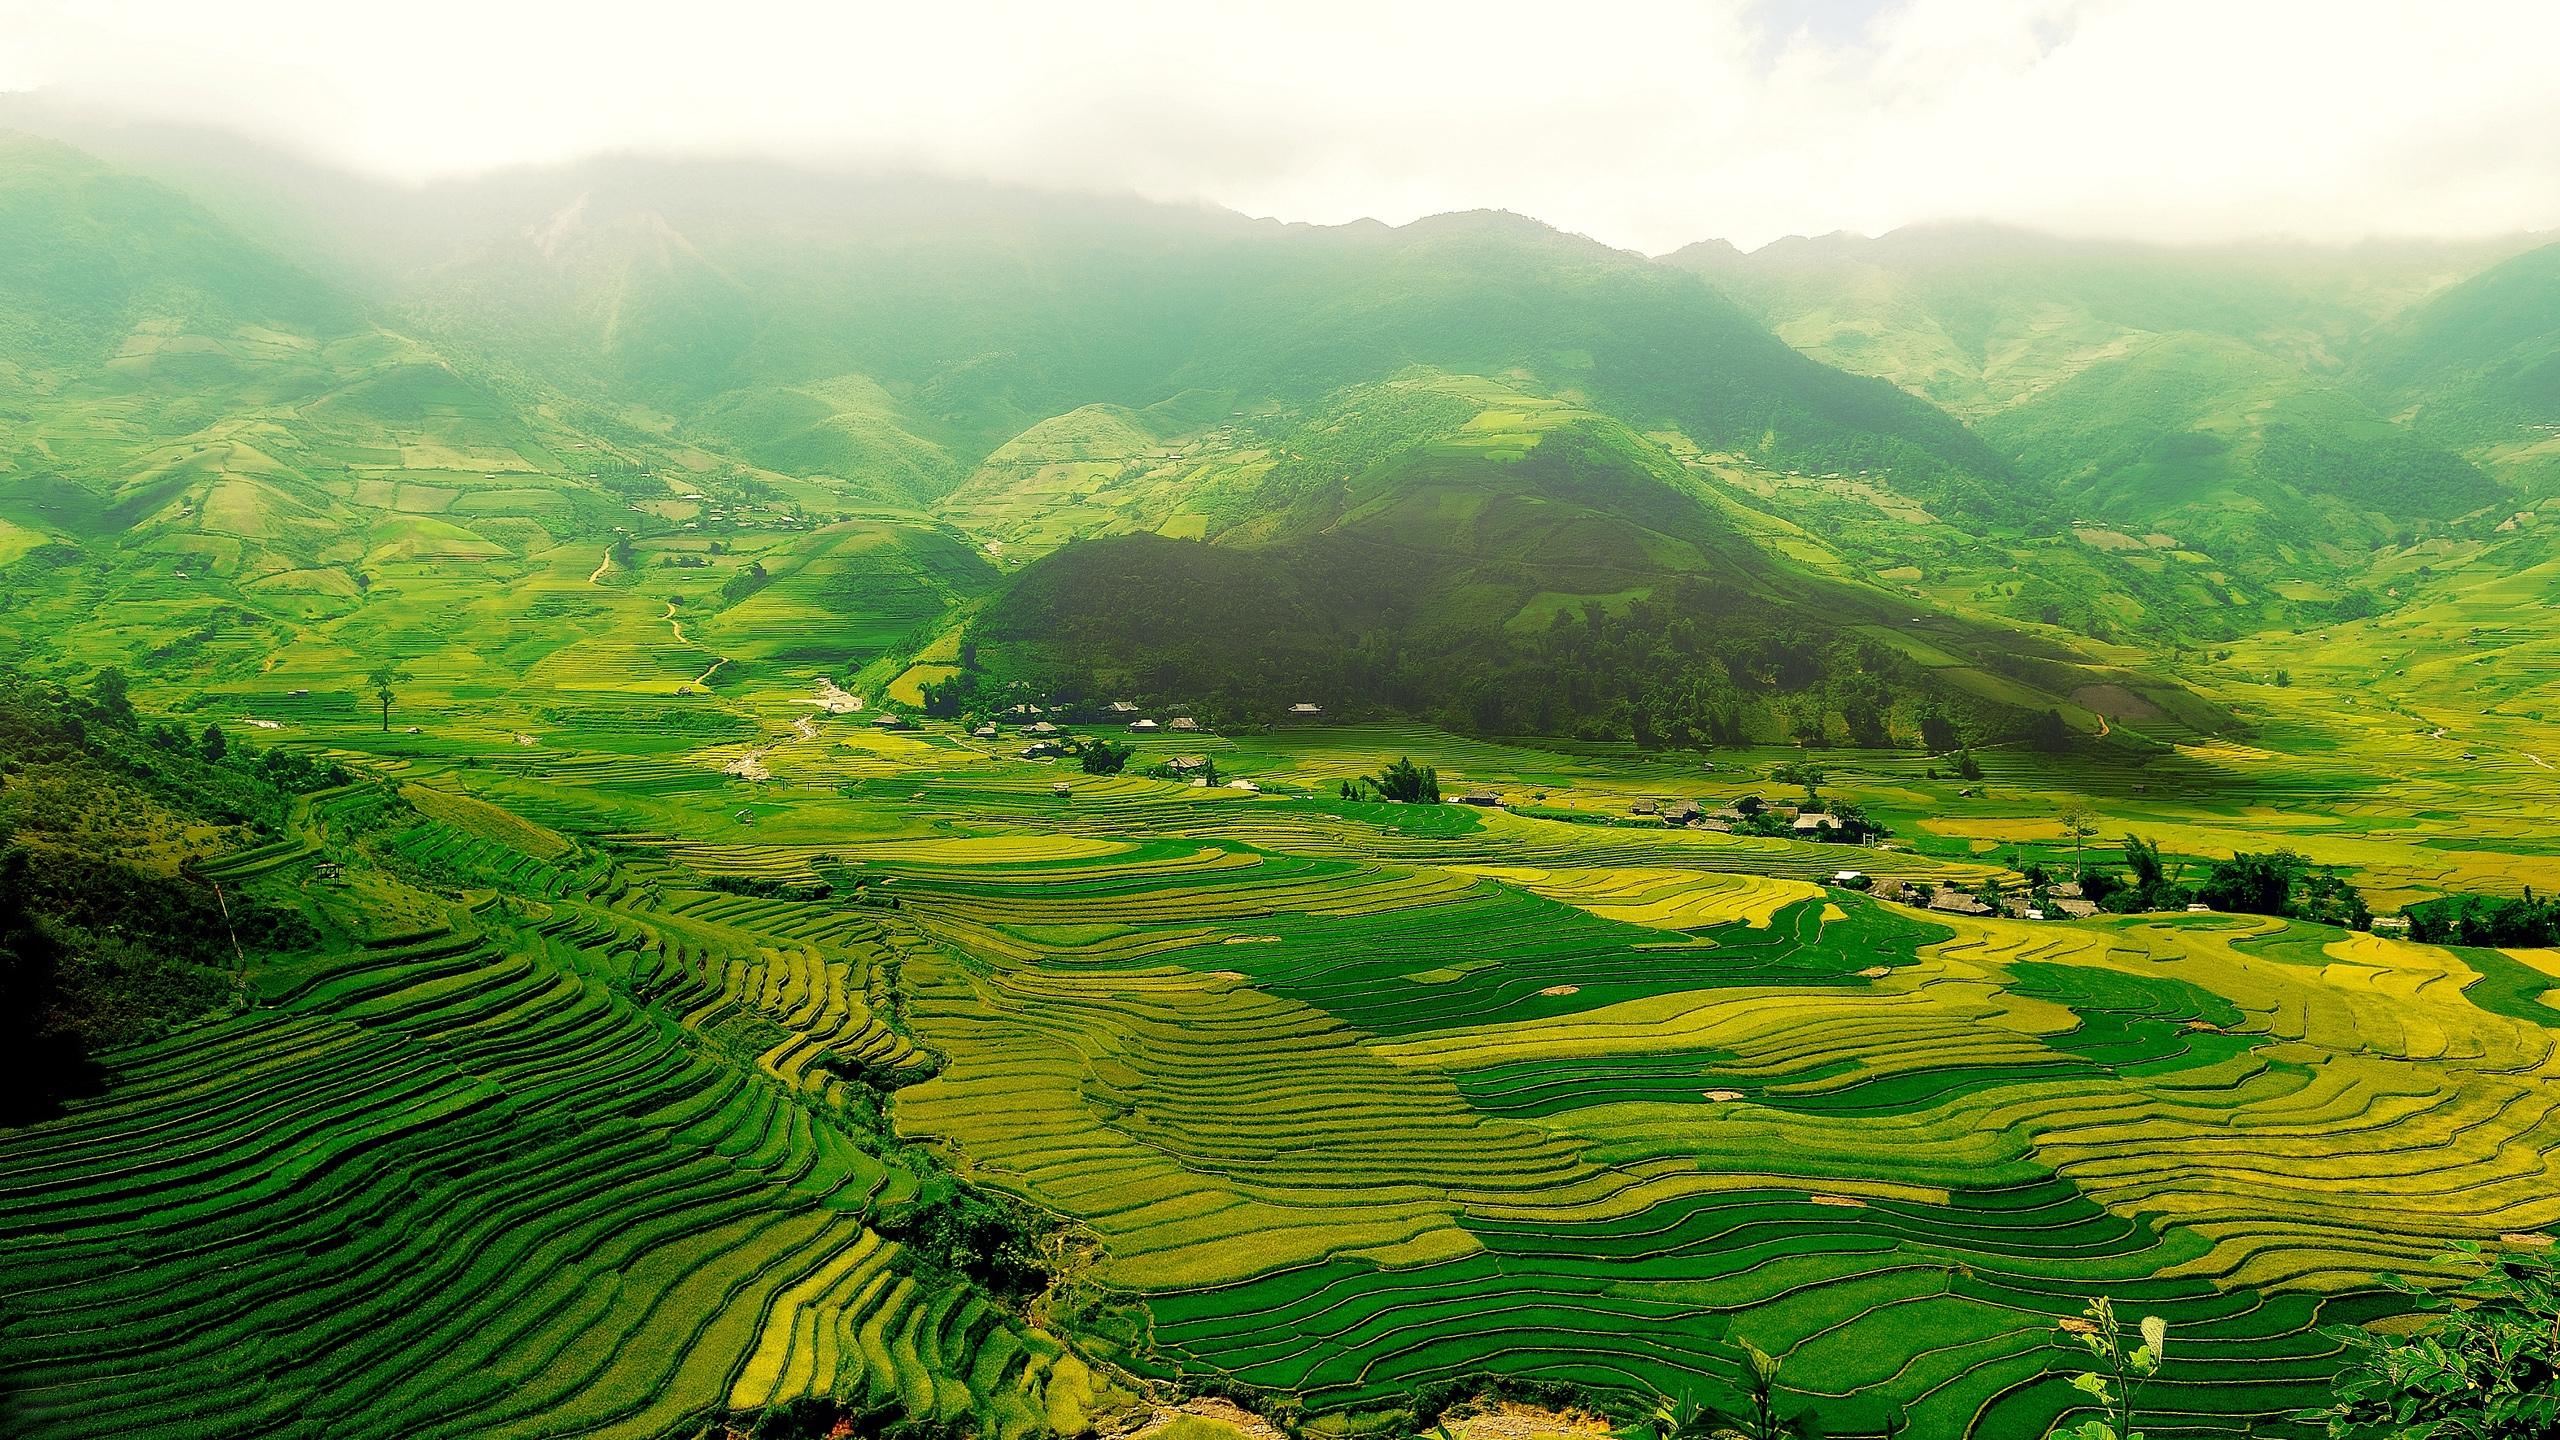 2560x1440 wallpaper landscape - photo #23